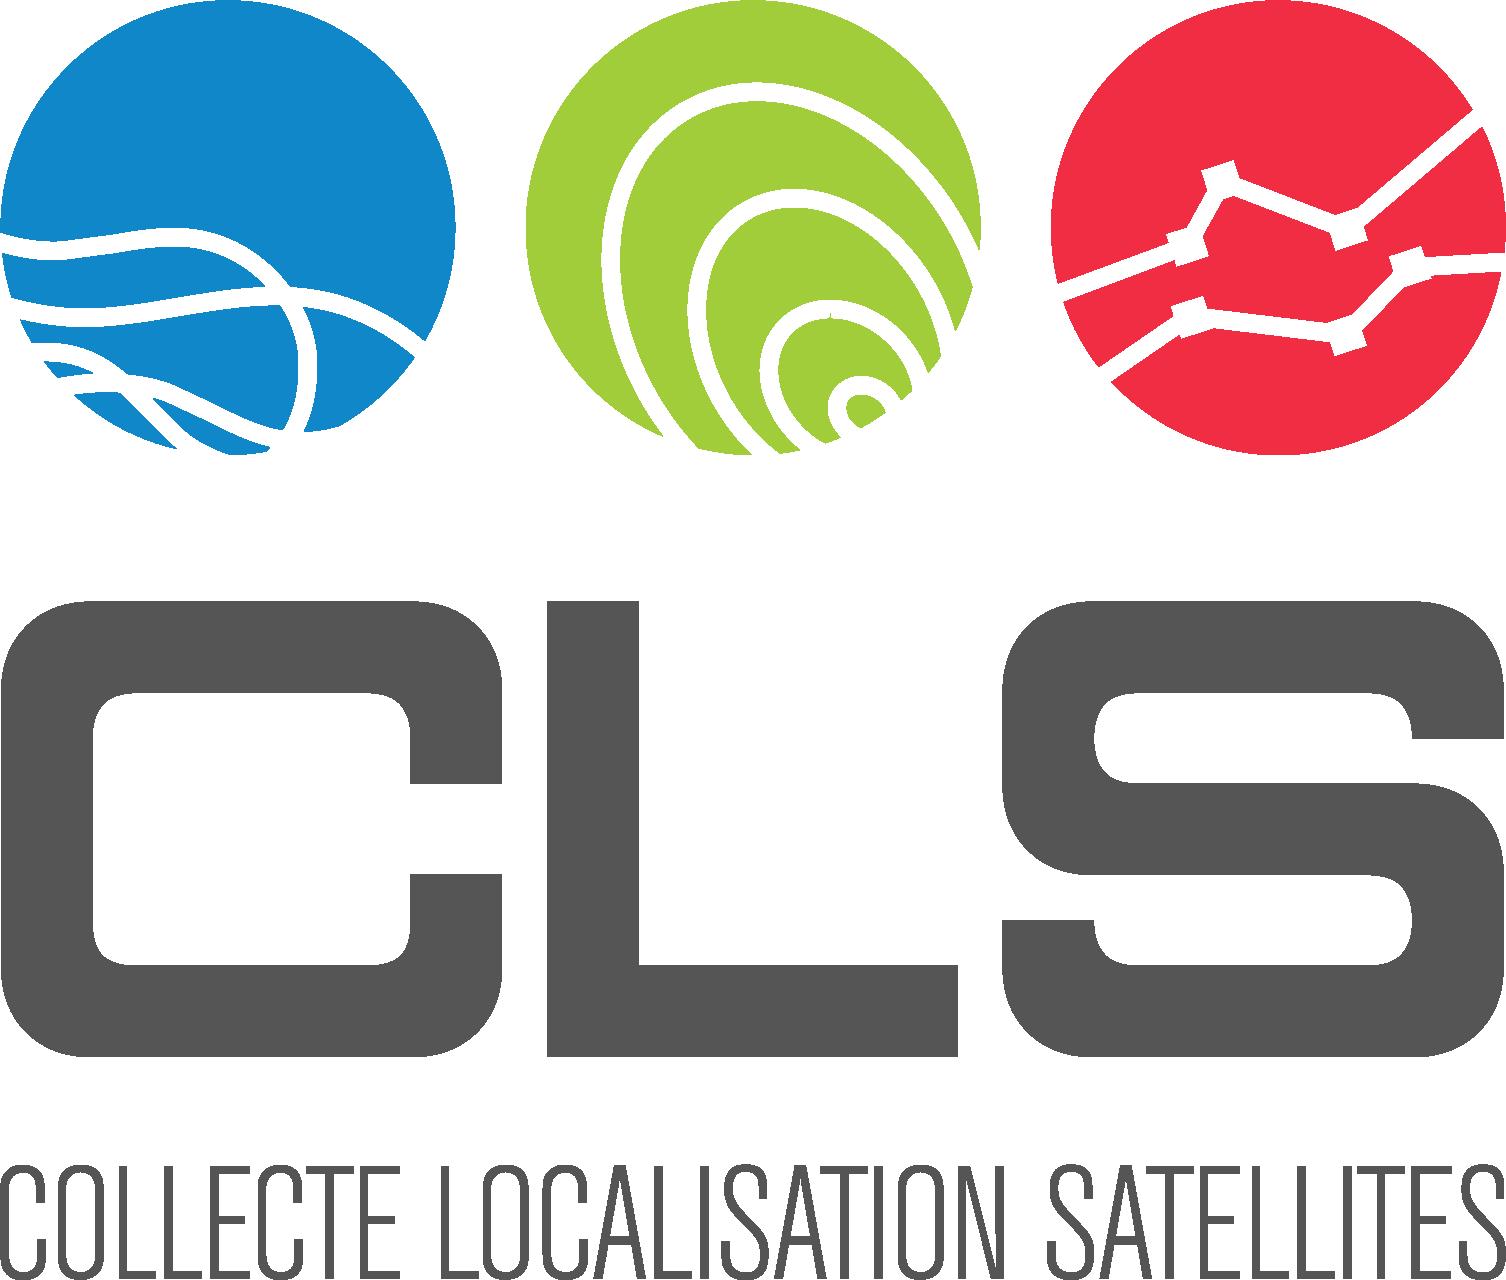 Collecte Localisation Satellites